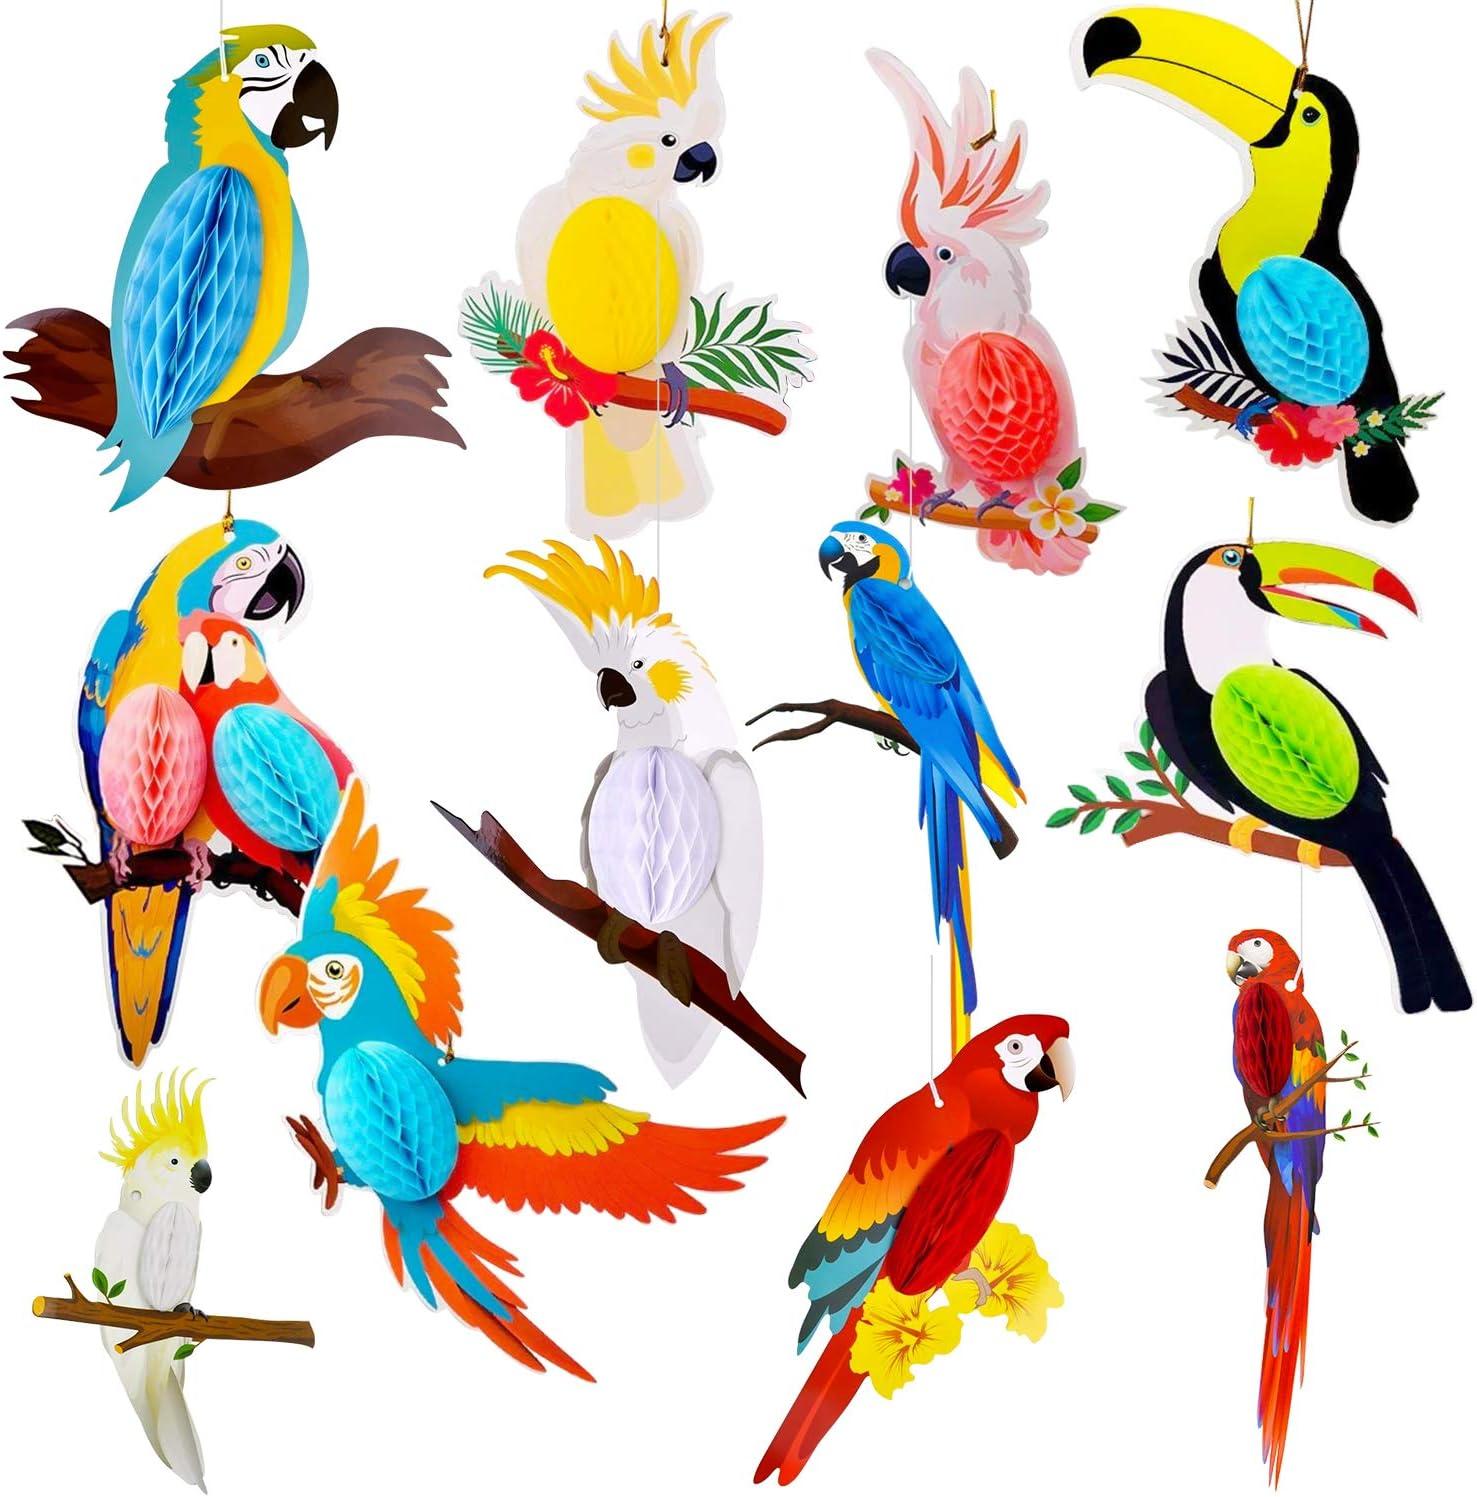 Max 60% OFF 12 Pieces Tropical Birds Honeycomb Los Angeles Mall Hawaiian Paper Cutouts Parrot